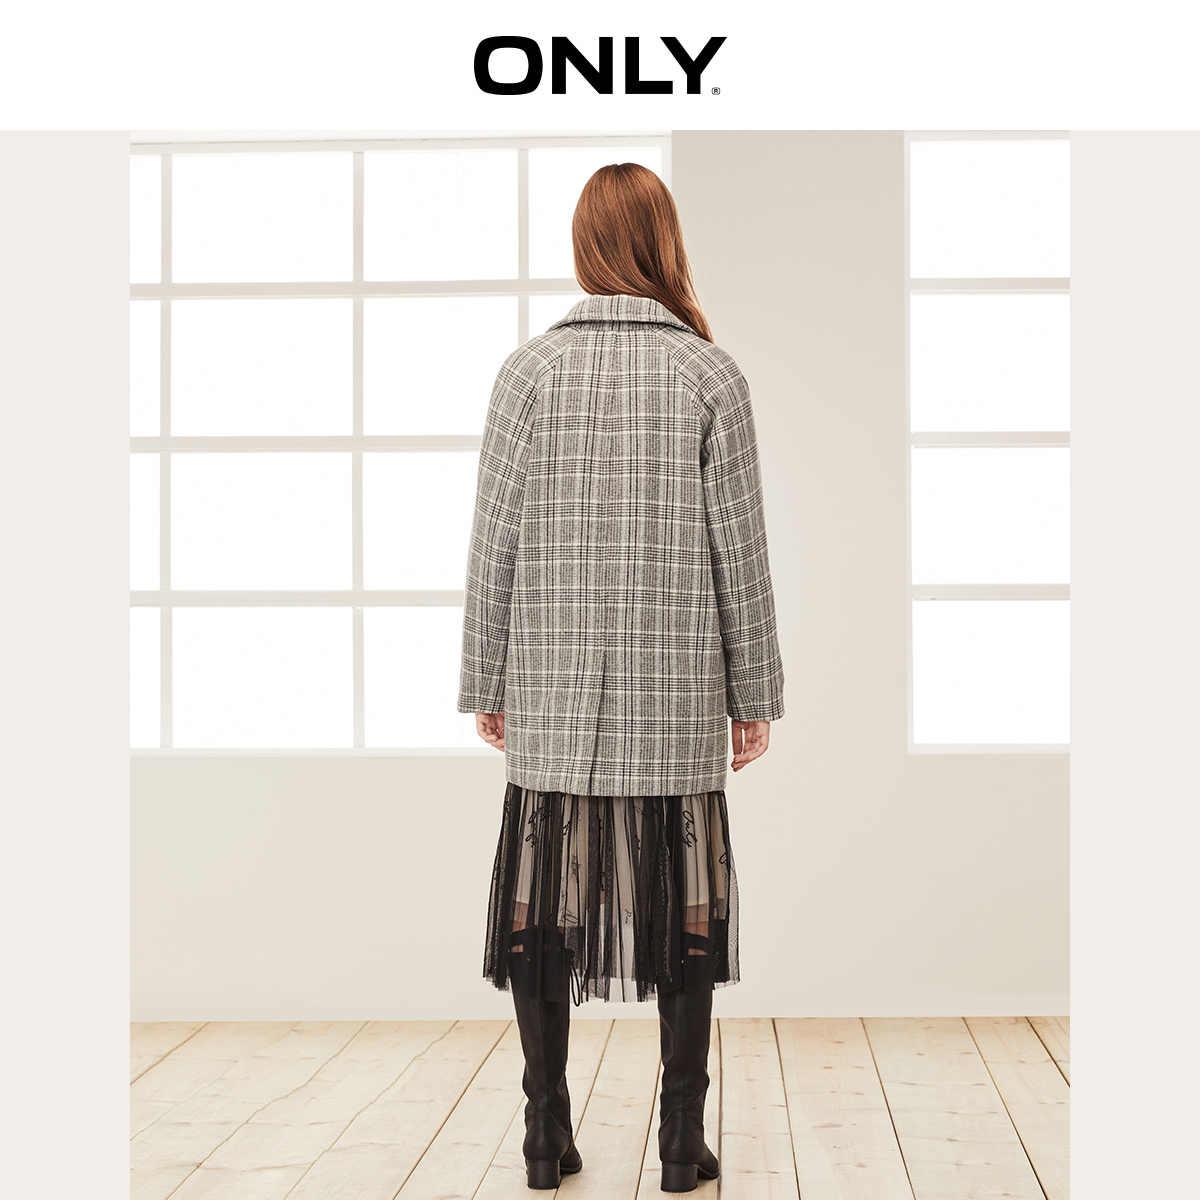 Только 2019 Осень Зима Женское свободное плотное шерстяное пальто | 11934S524